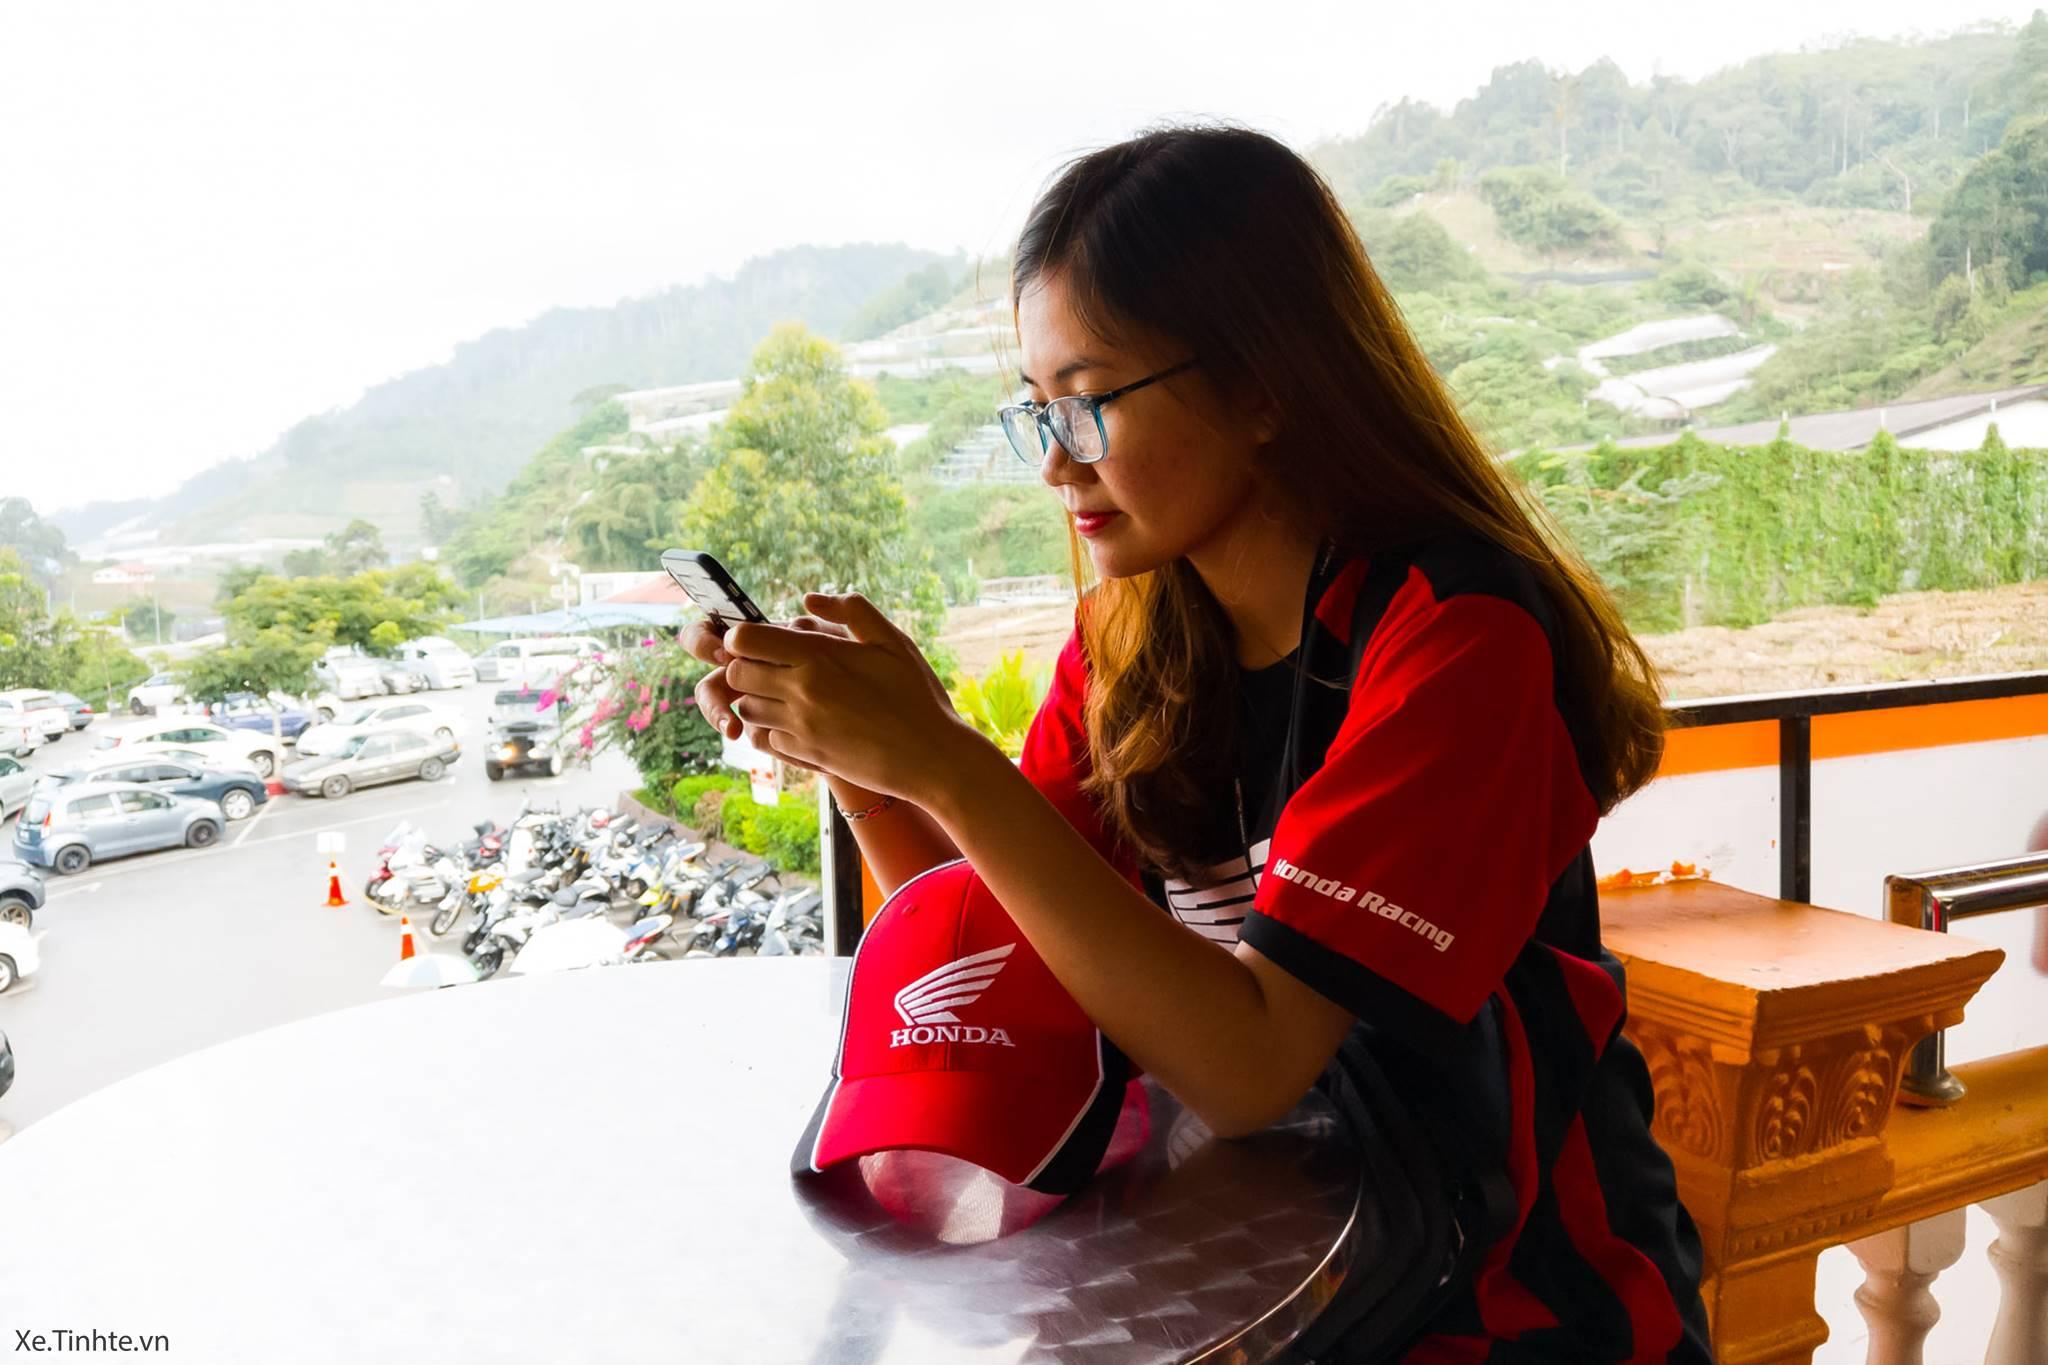 Honda_Asian_Journey_2018_Xe_Tinhte_IMAG0462.jpg